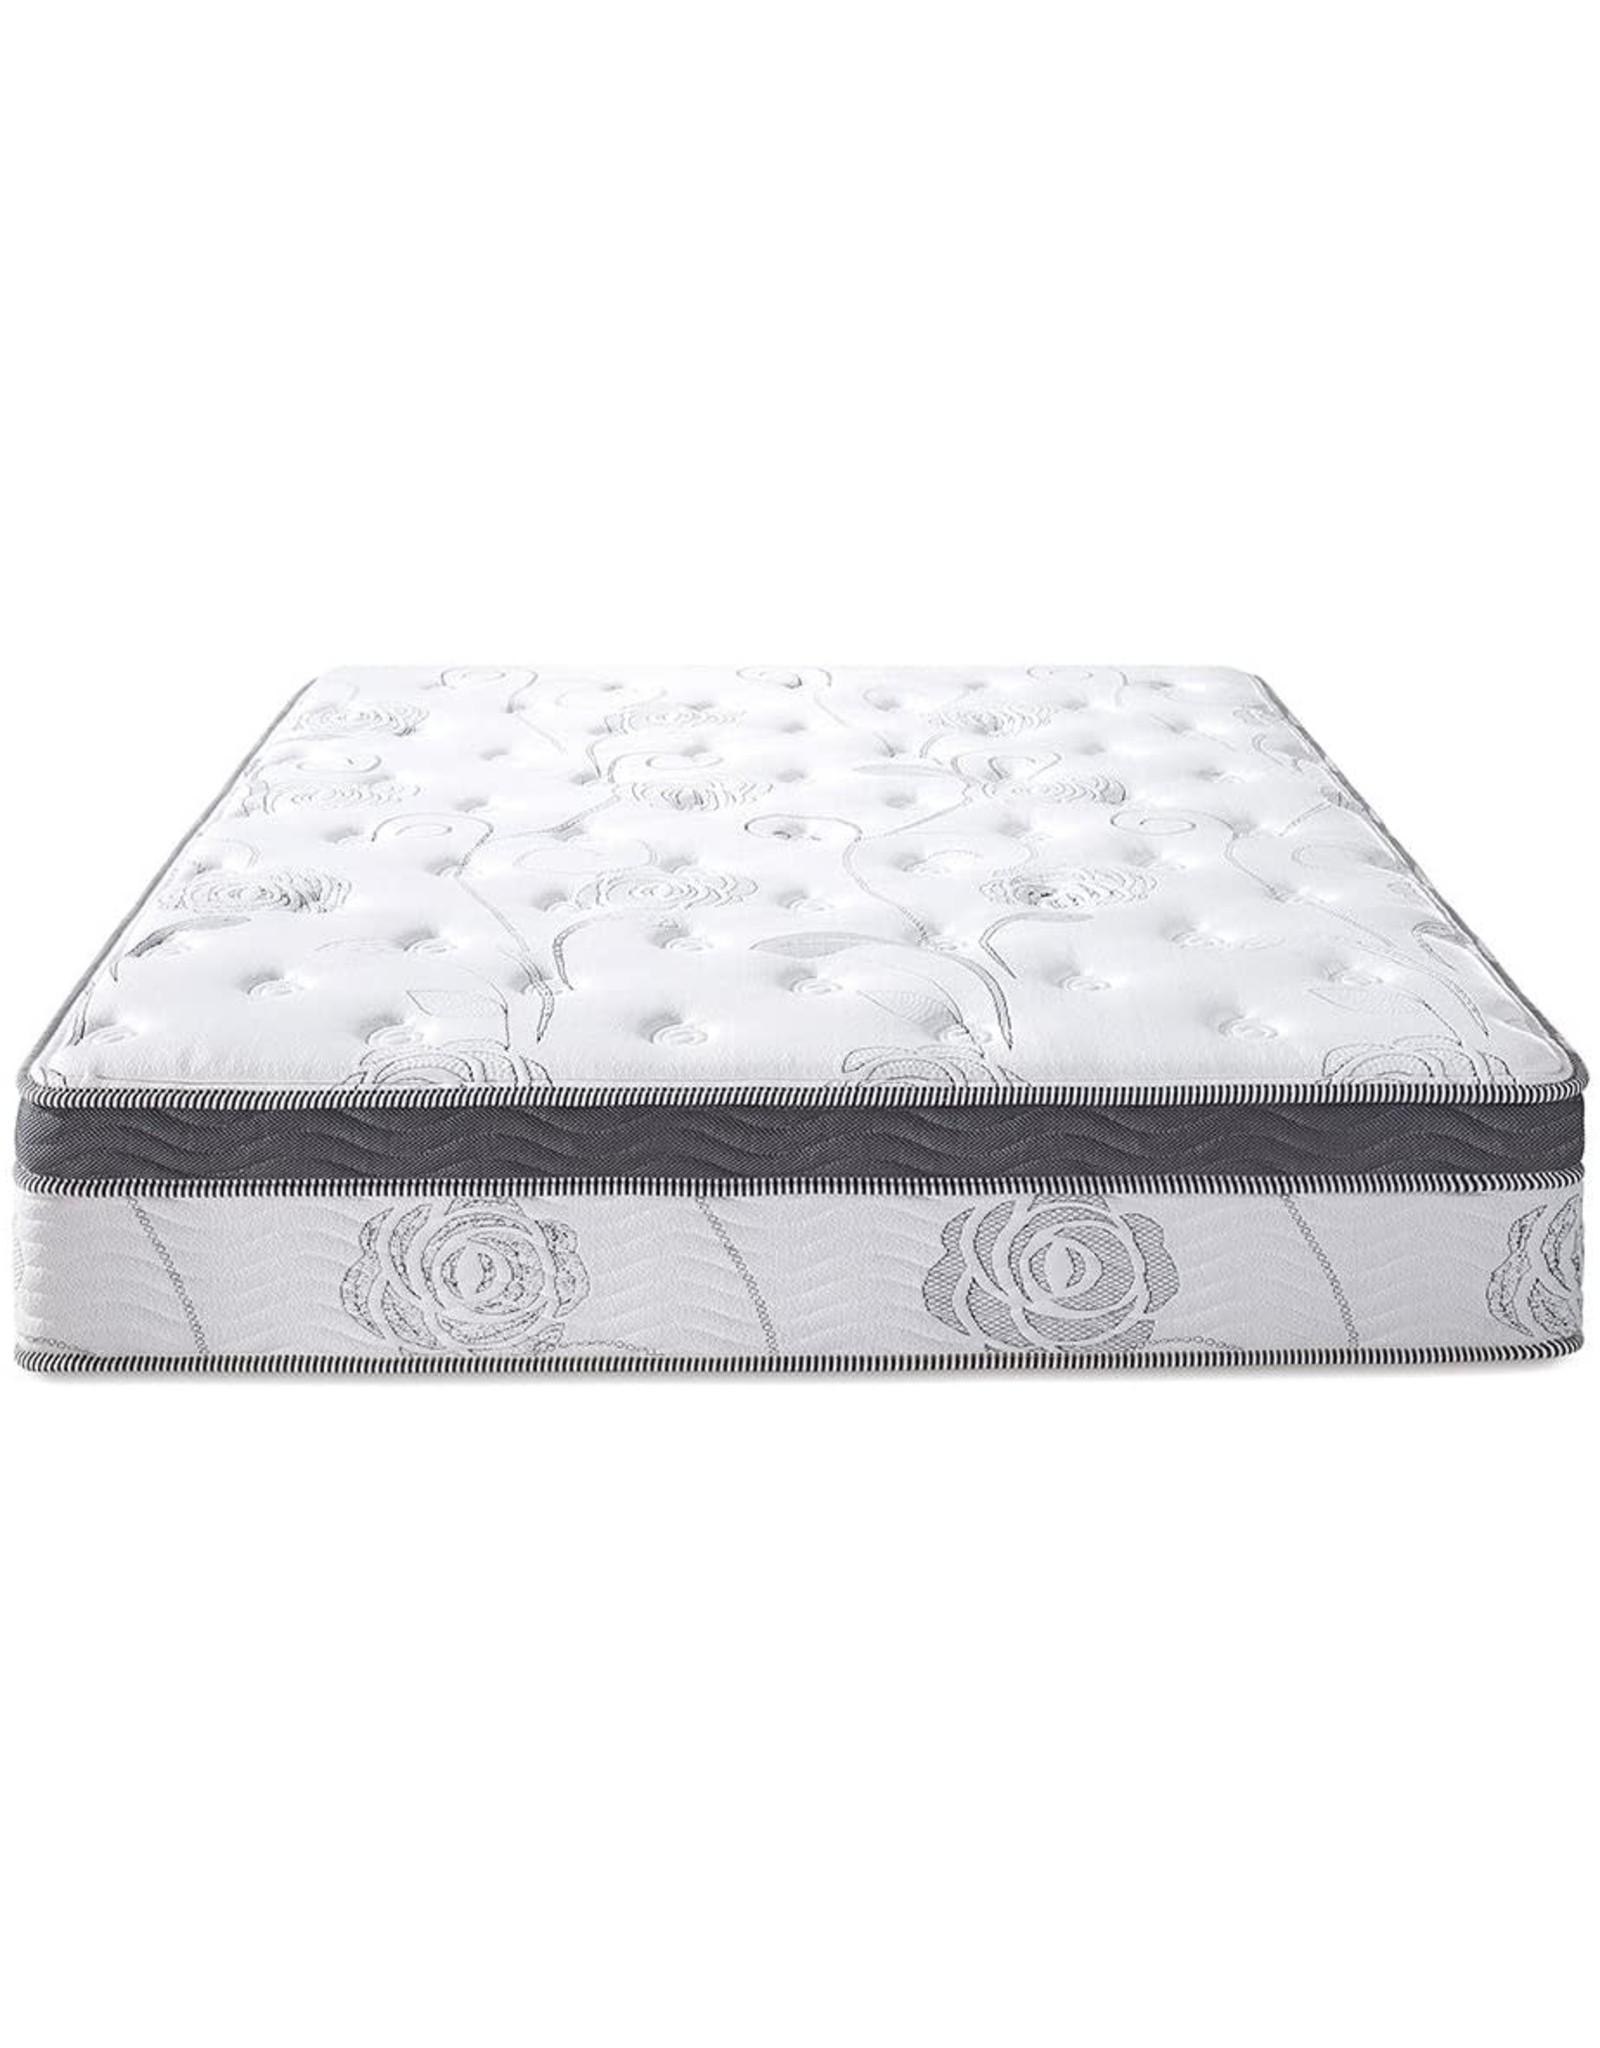 Olee Sleep Olee Sleep 13 inch Galaxy Hybrid Gel Infused Memory Foam and Pocket Spring Mattress (Queen)